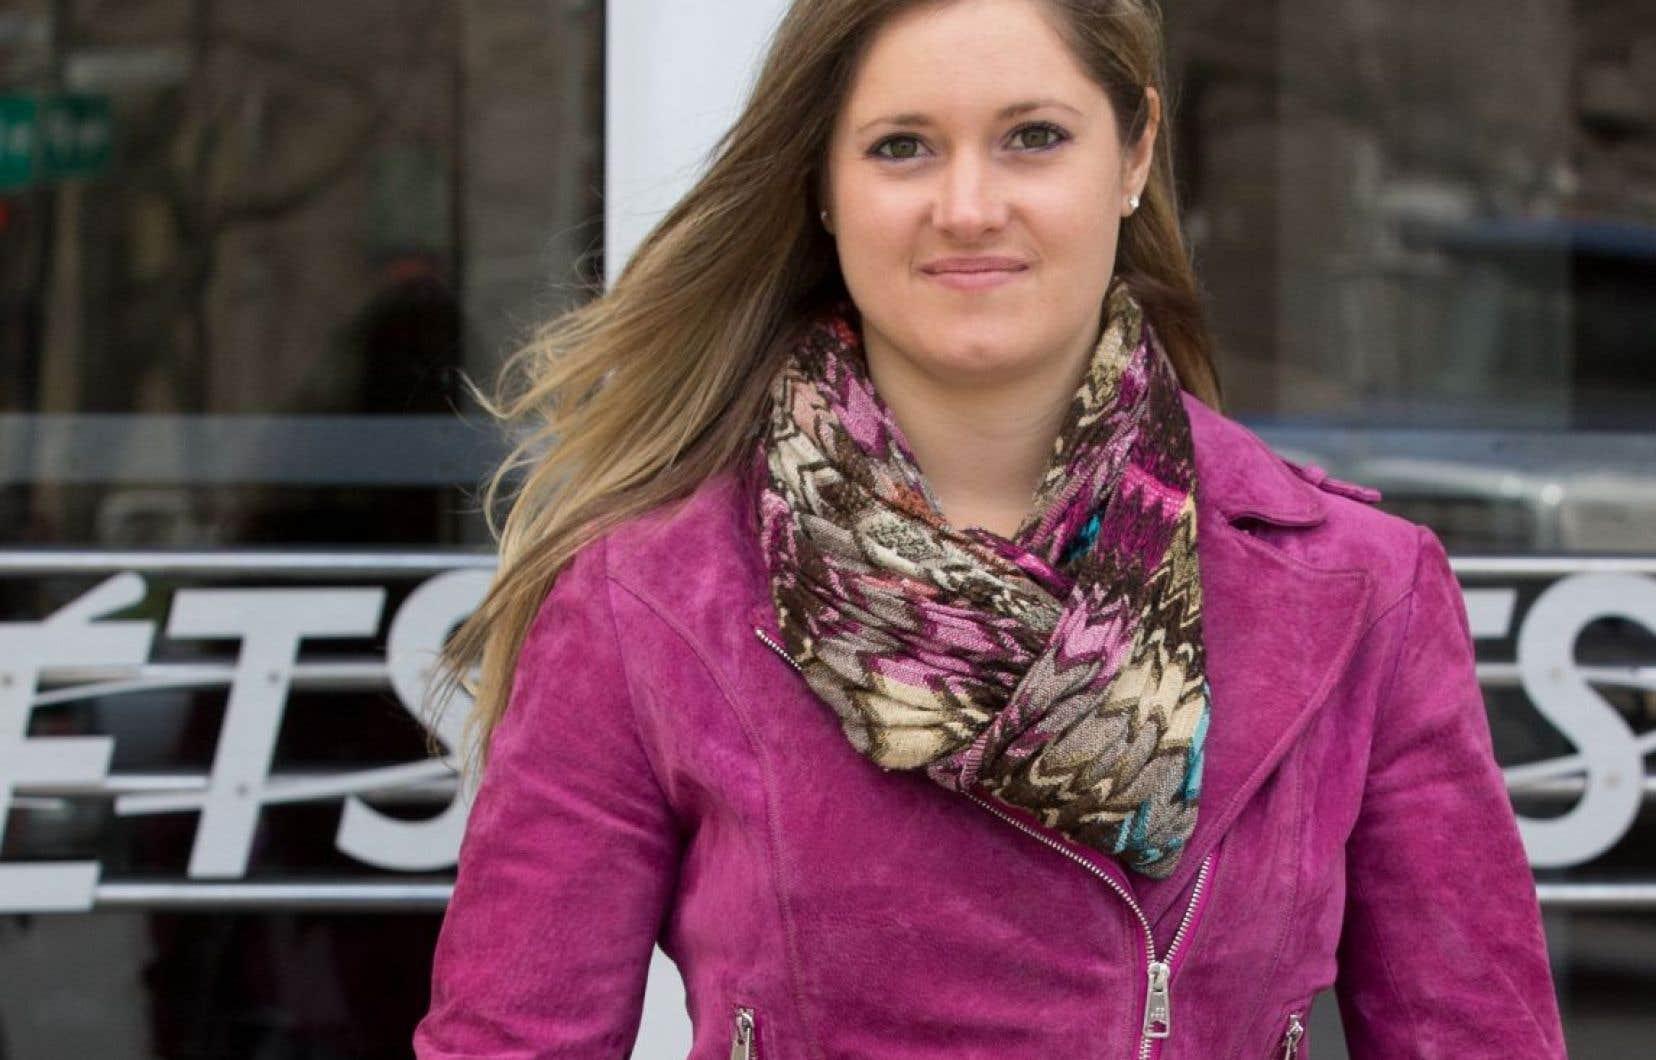 Pour Kimberley Marin, étudiante à l'École de technologie supérieure (ETS) de Montréal, la croisade contre le harcèlement sexuel a commencé aux initiations de l'automne 2015.